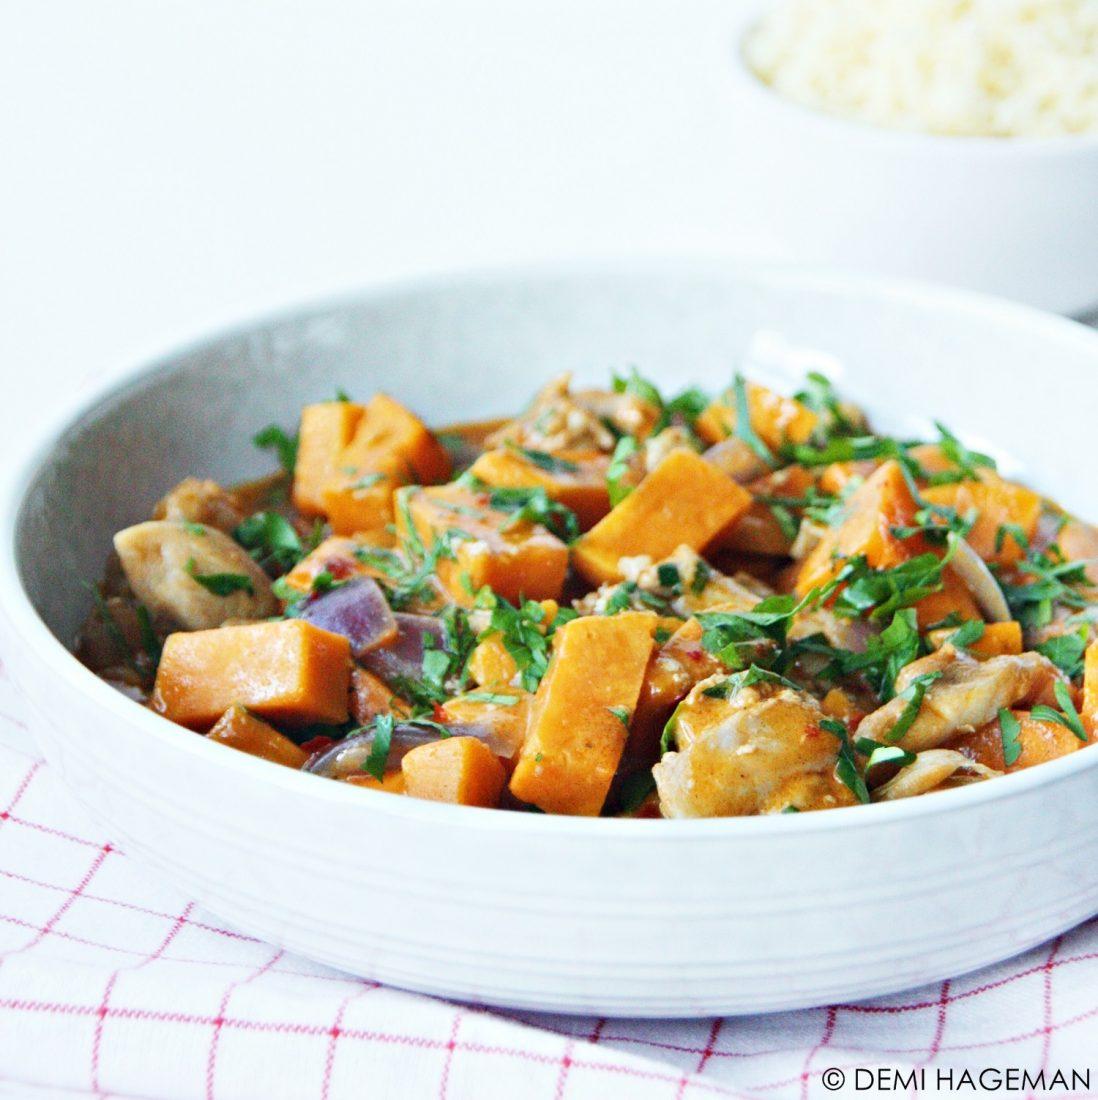 rode curry met zoete aardappel en kippendijen